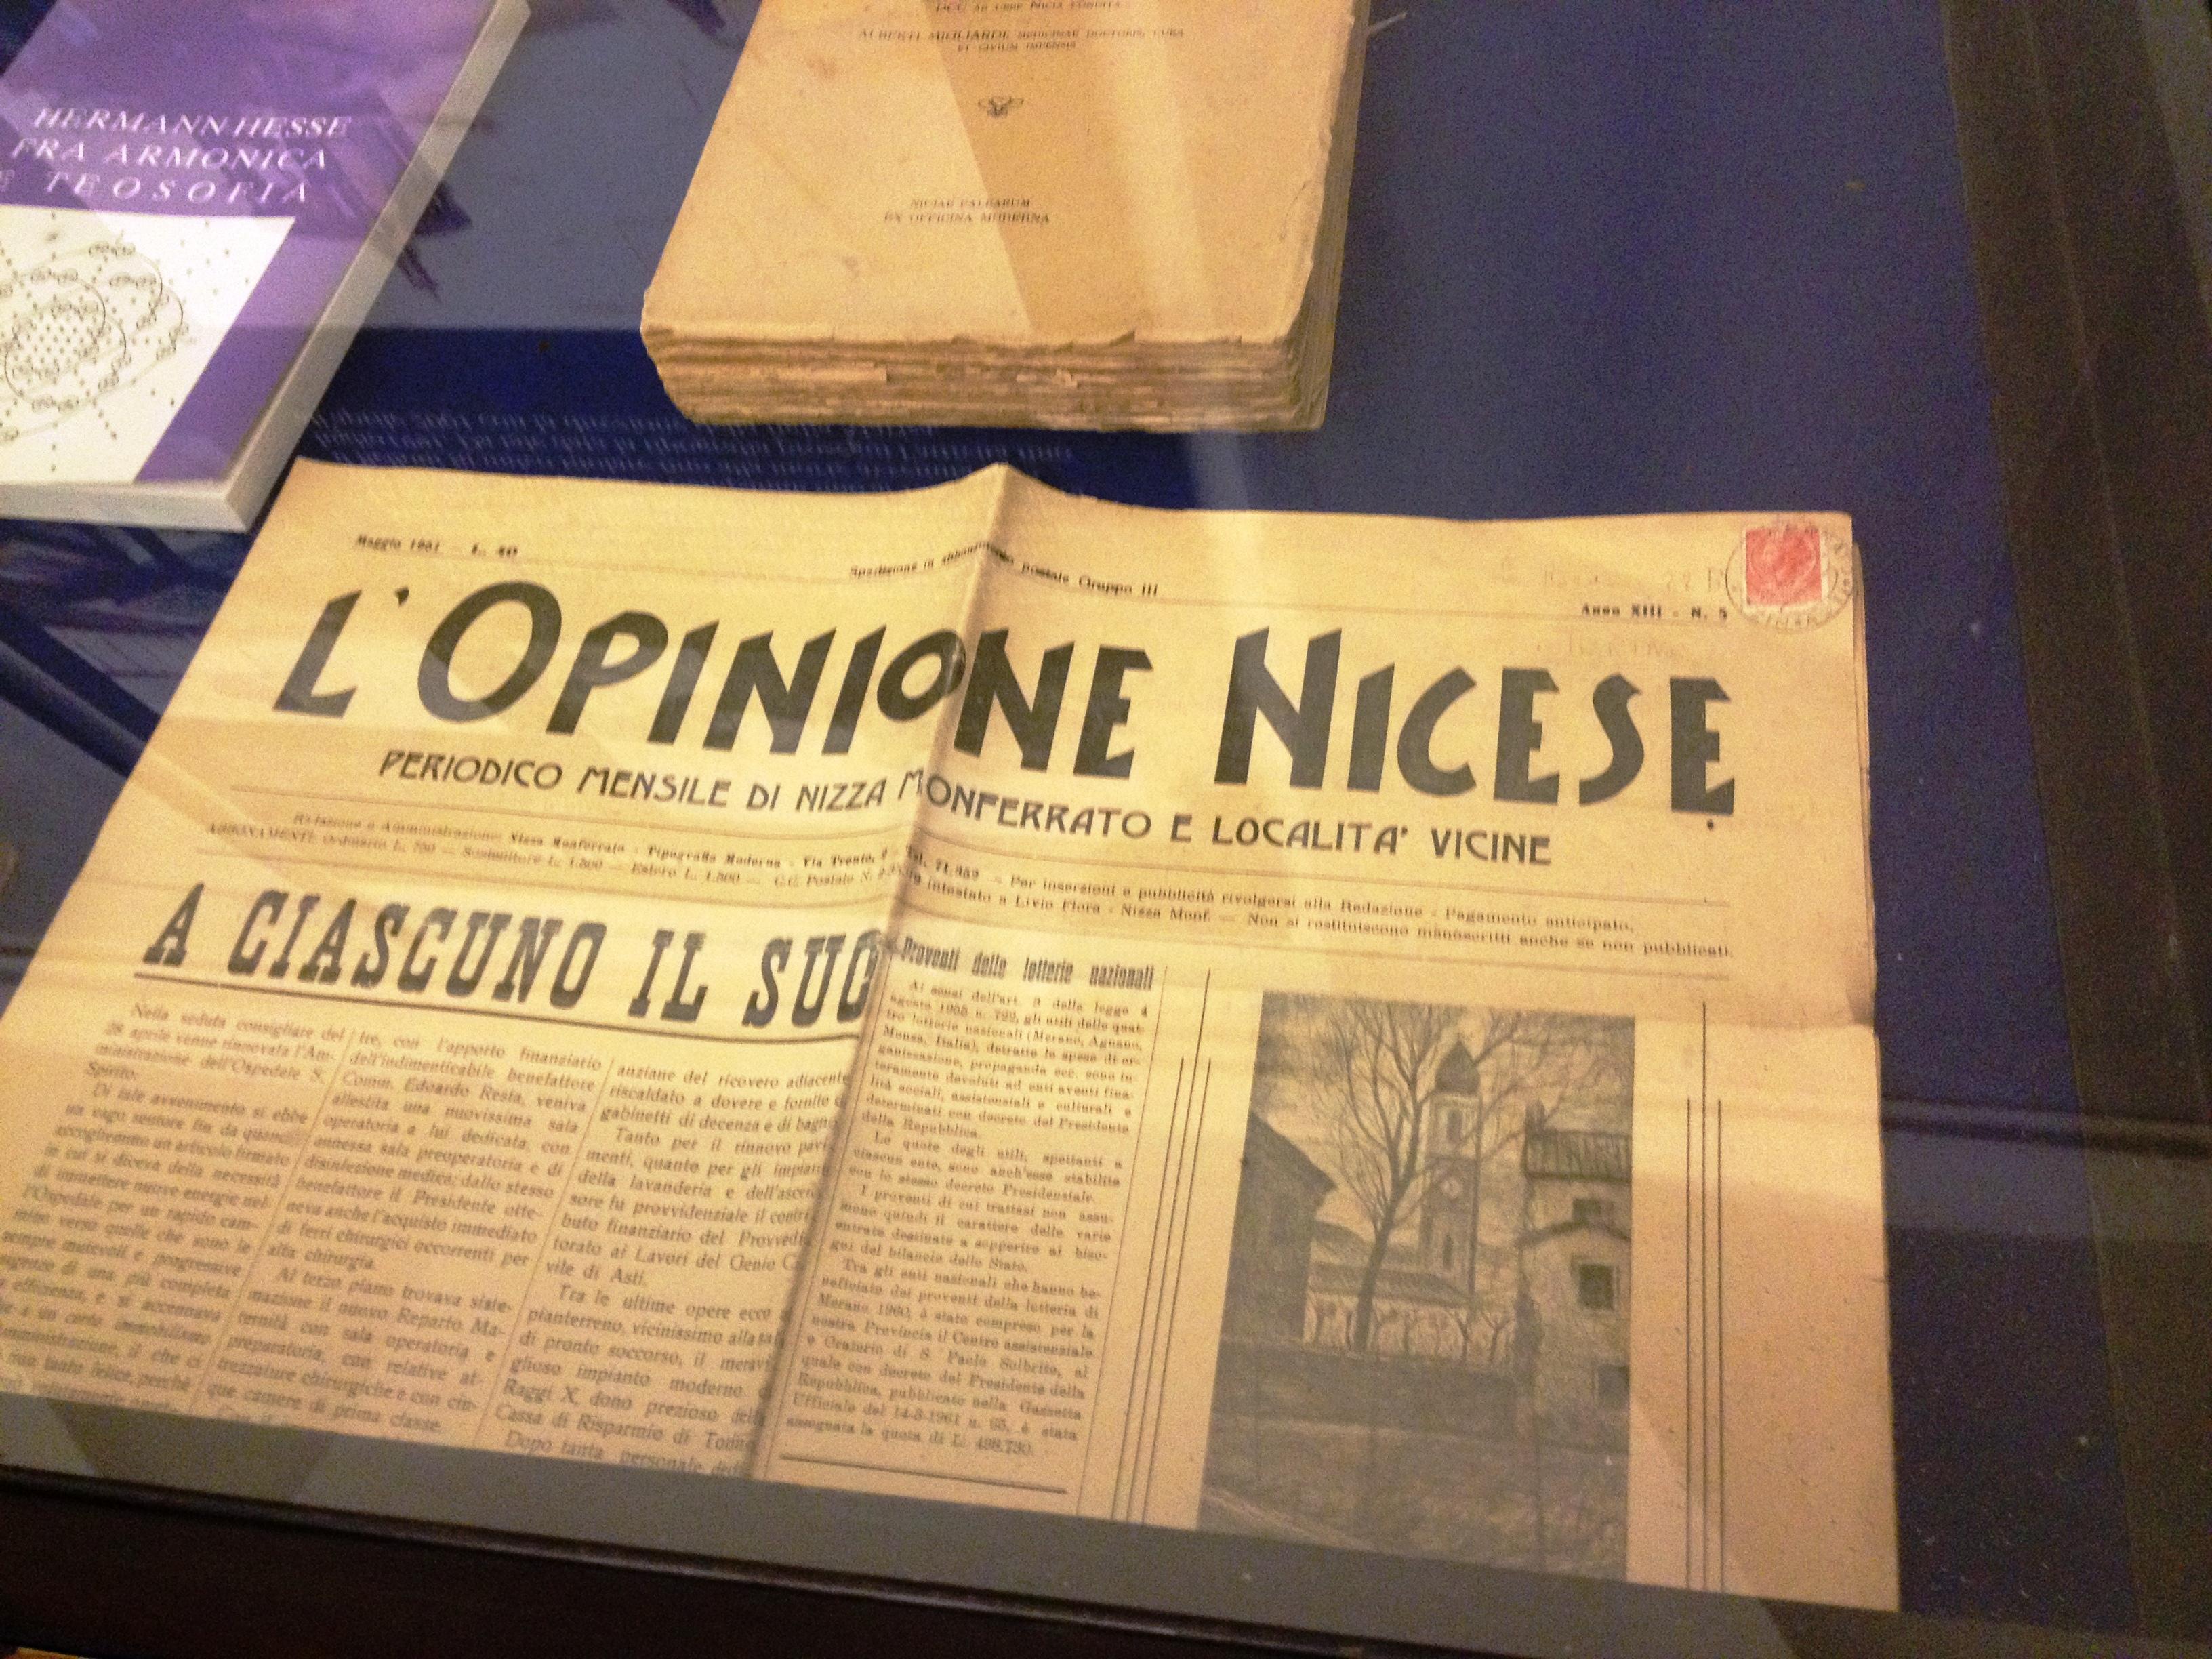 MUSEO DELLA STAMPA Mondovì